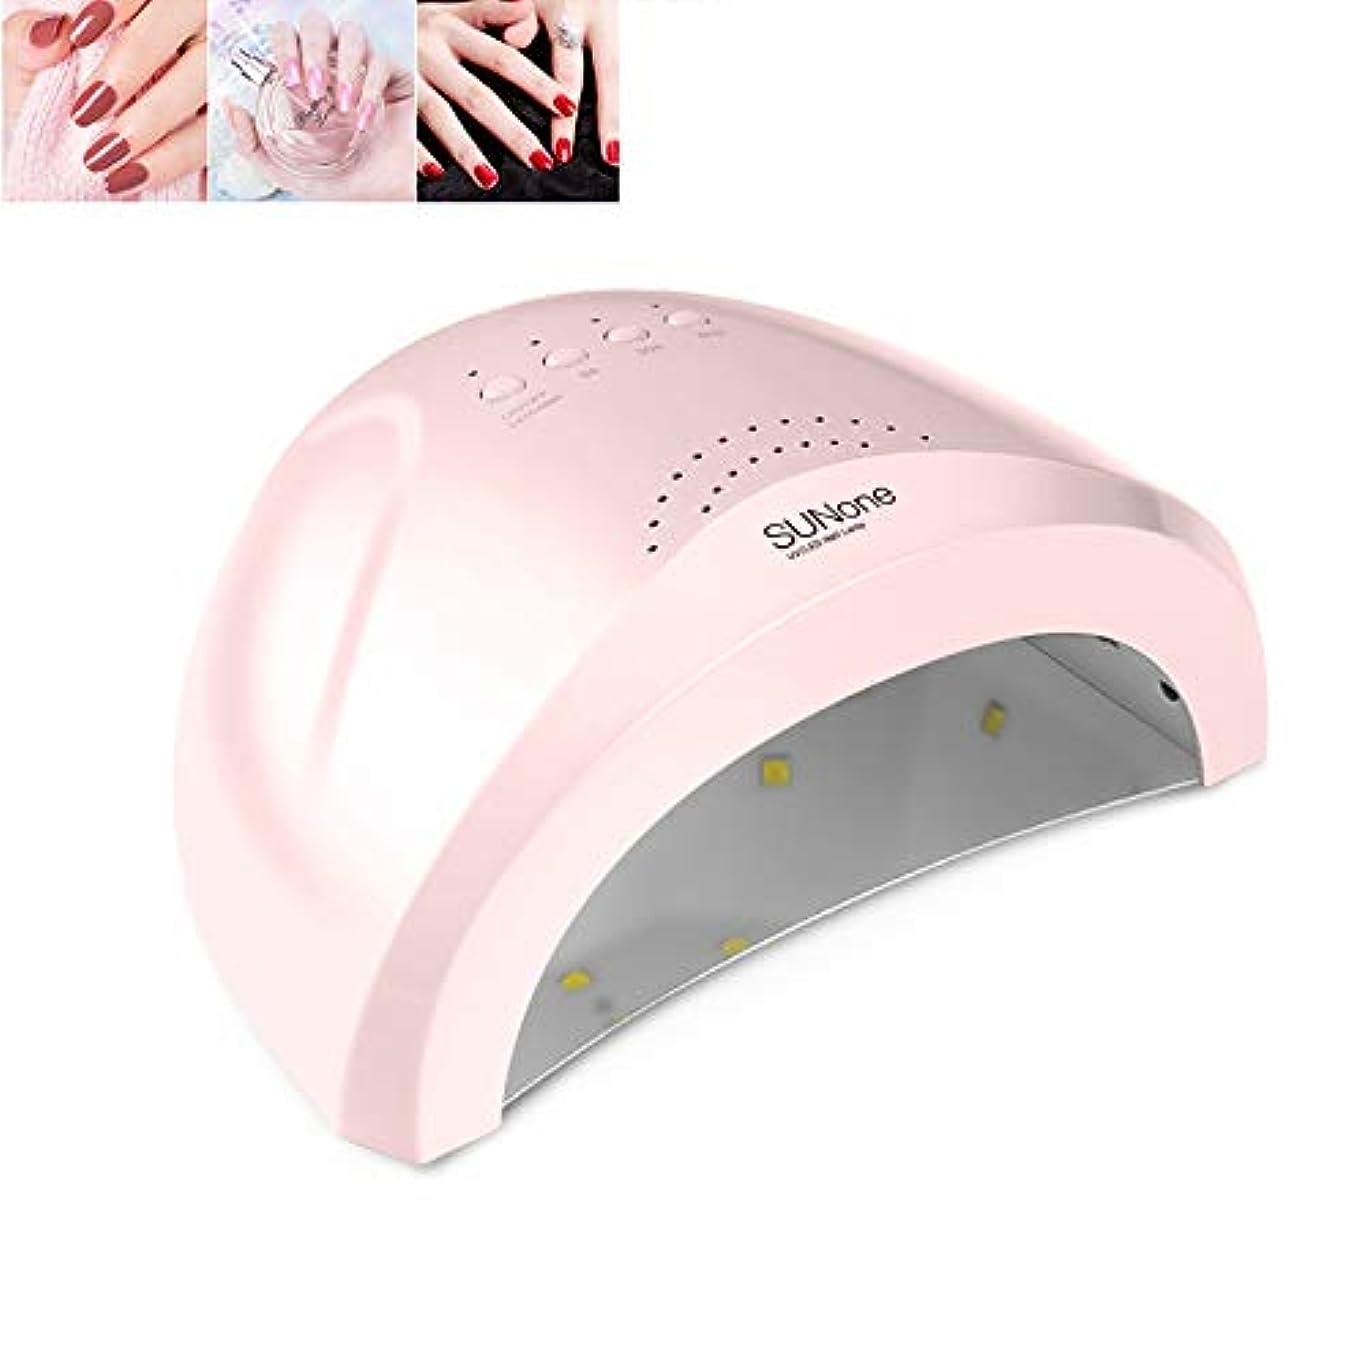 それからネズミ貪欲UVライト ネイルライト ネイルドライヤー LED 48W/24W 硬化用ライト ジェルネイルとレジン液対応 人感センサー 高速硬化 速乾 全範囲度照射 赤外線原理 手足両用 安全 (Pink)